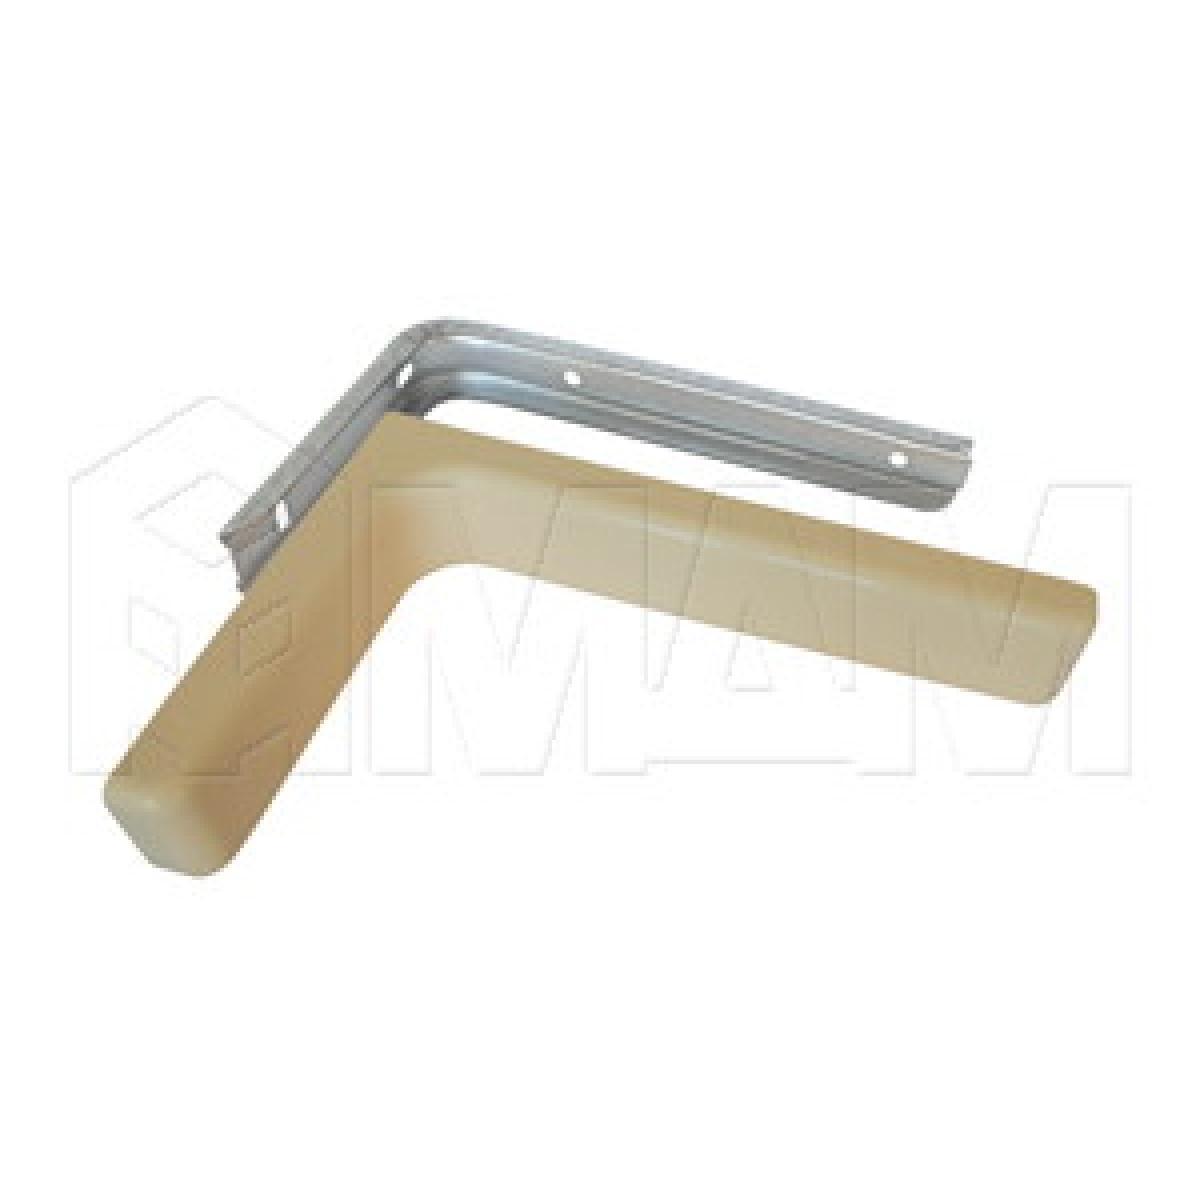 CORNER Менсолодержатель для деревянных полок с декоративной накладкой L-240 мм, светло-бежевый (2 шт.)